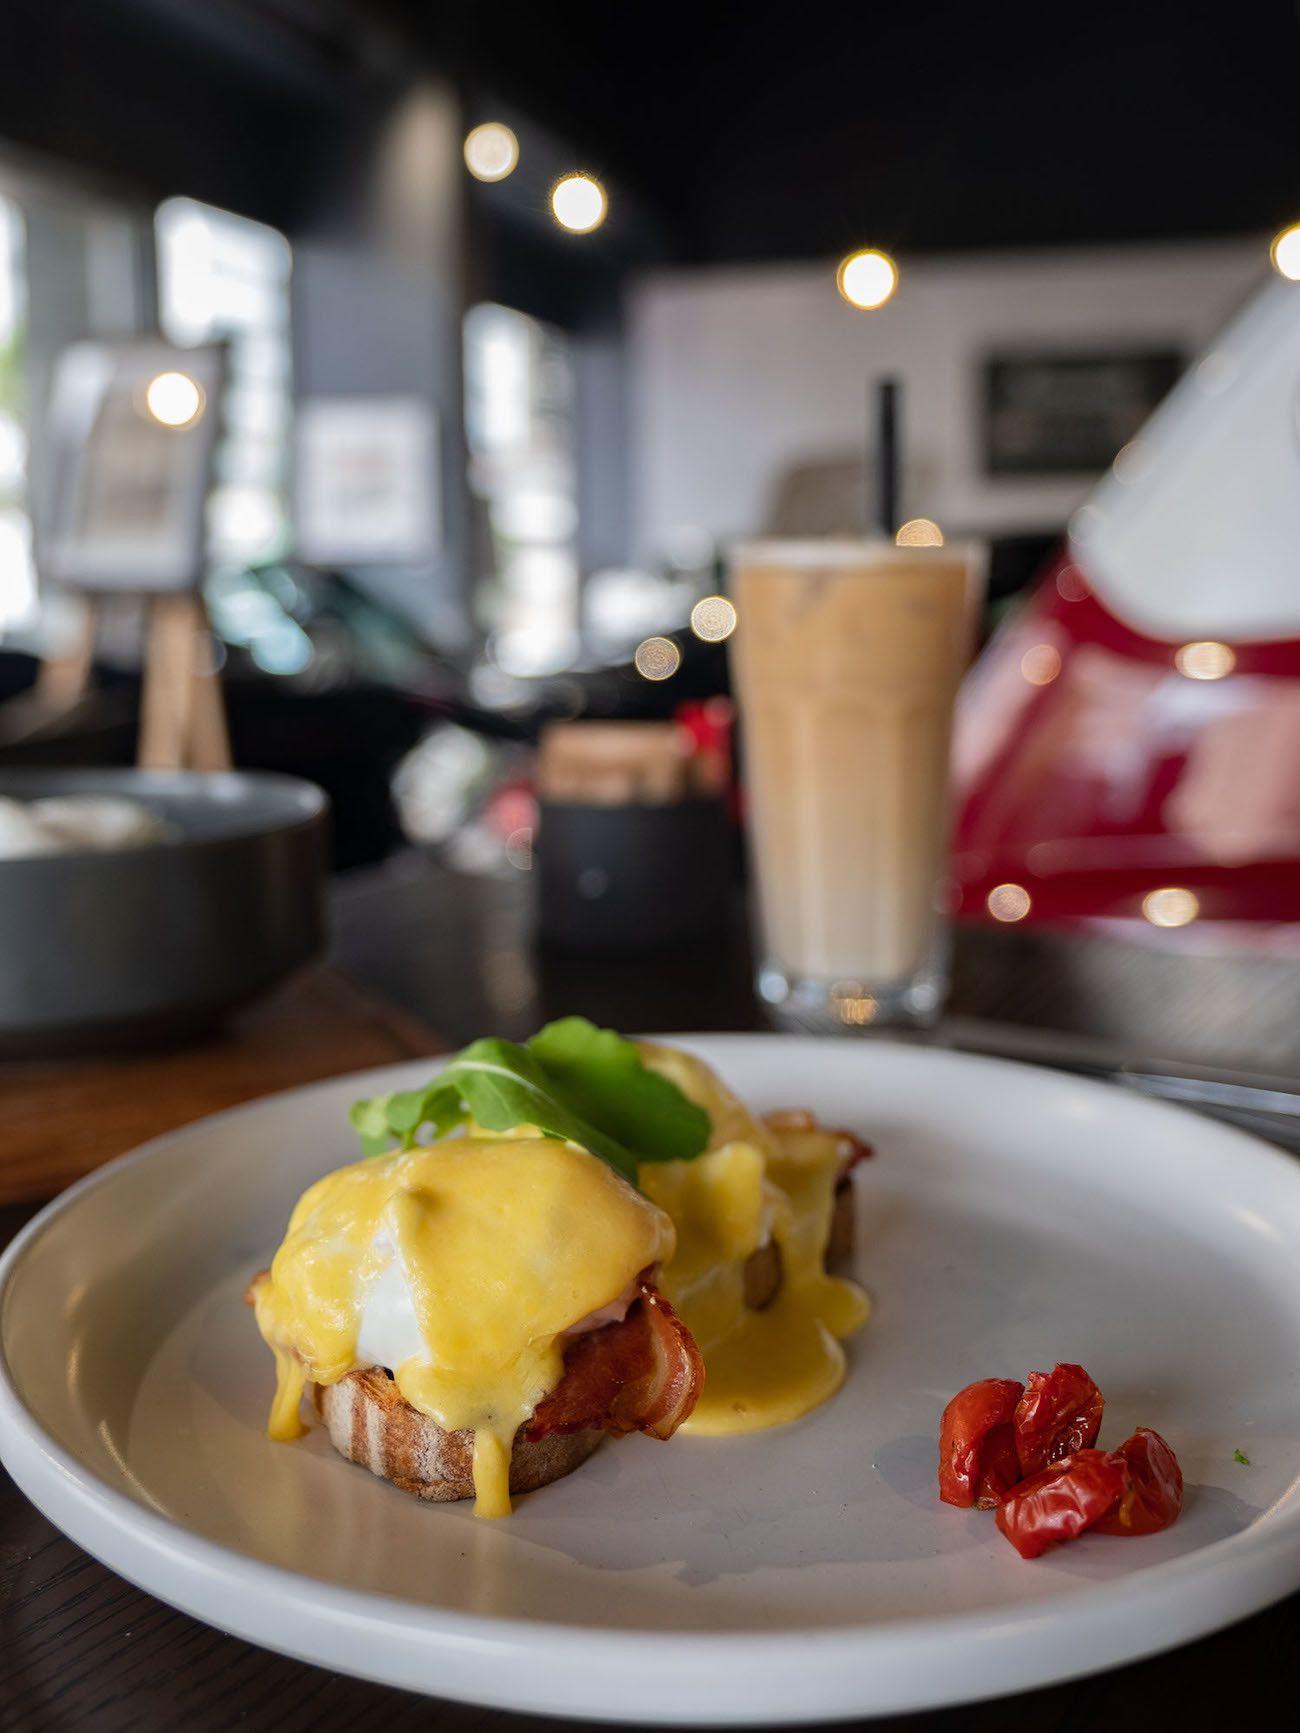 Frühstücks - und Brunch Guide für Kapstadt, Dapper, Eggs, Tomaten